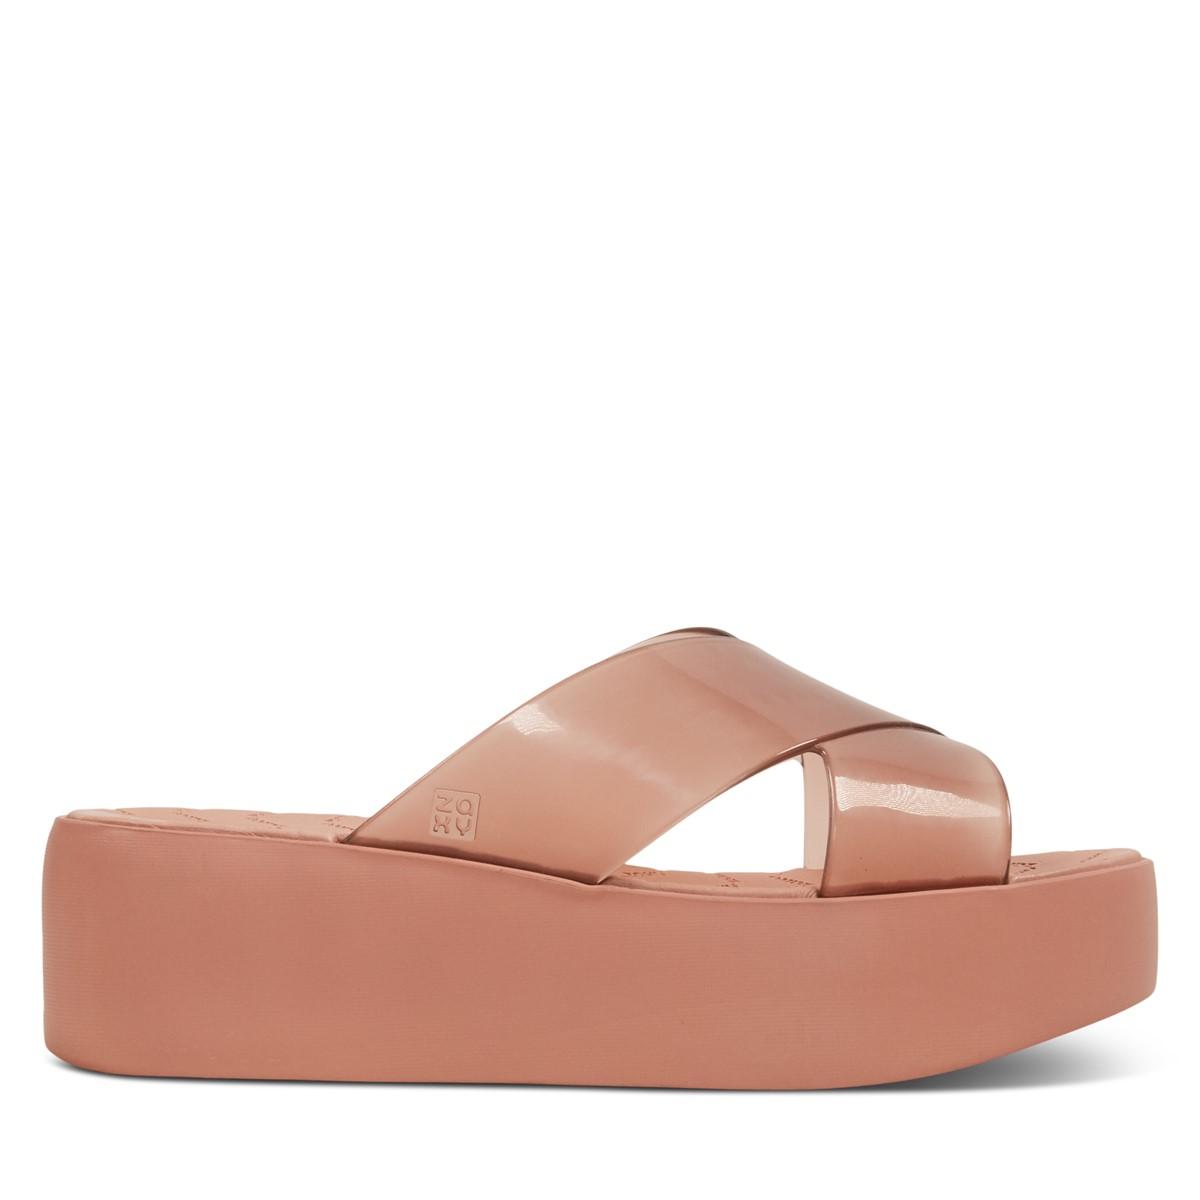 Sandales à plateforme 18095 Wonder rôse pâle pour femmes